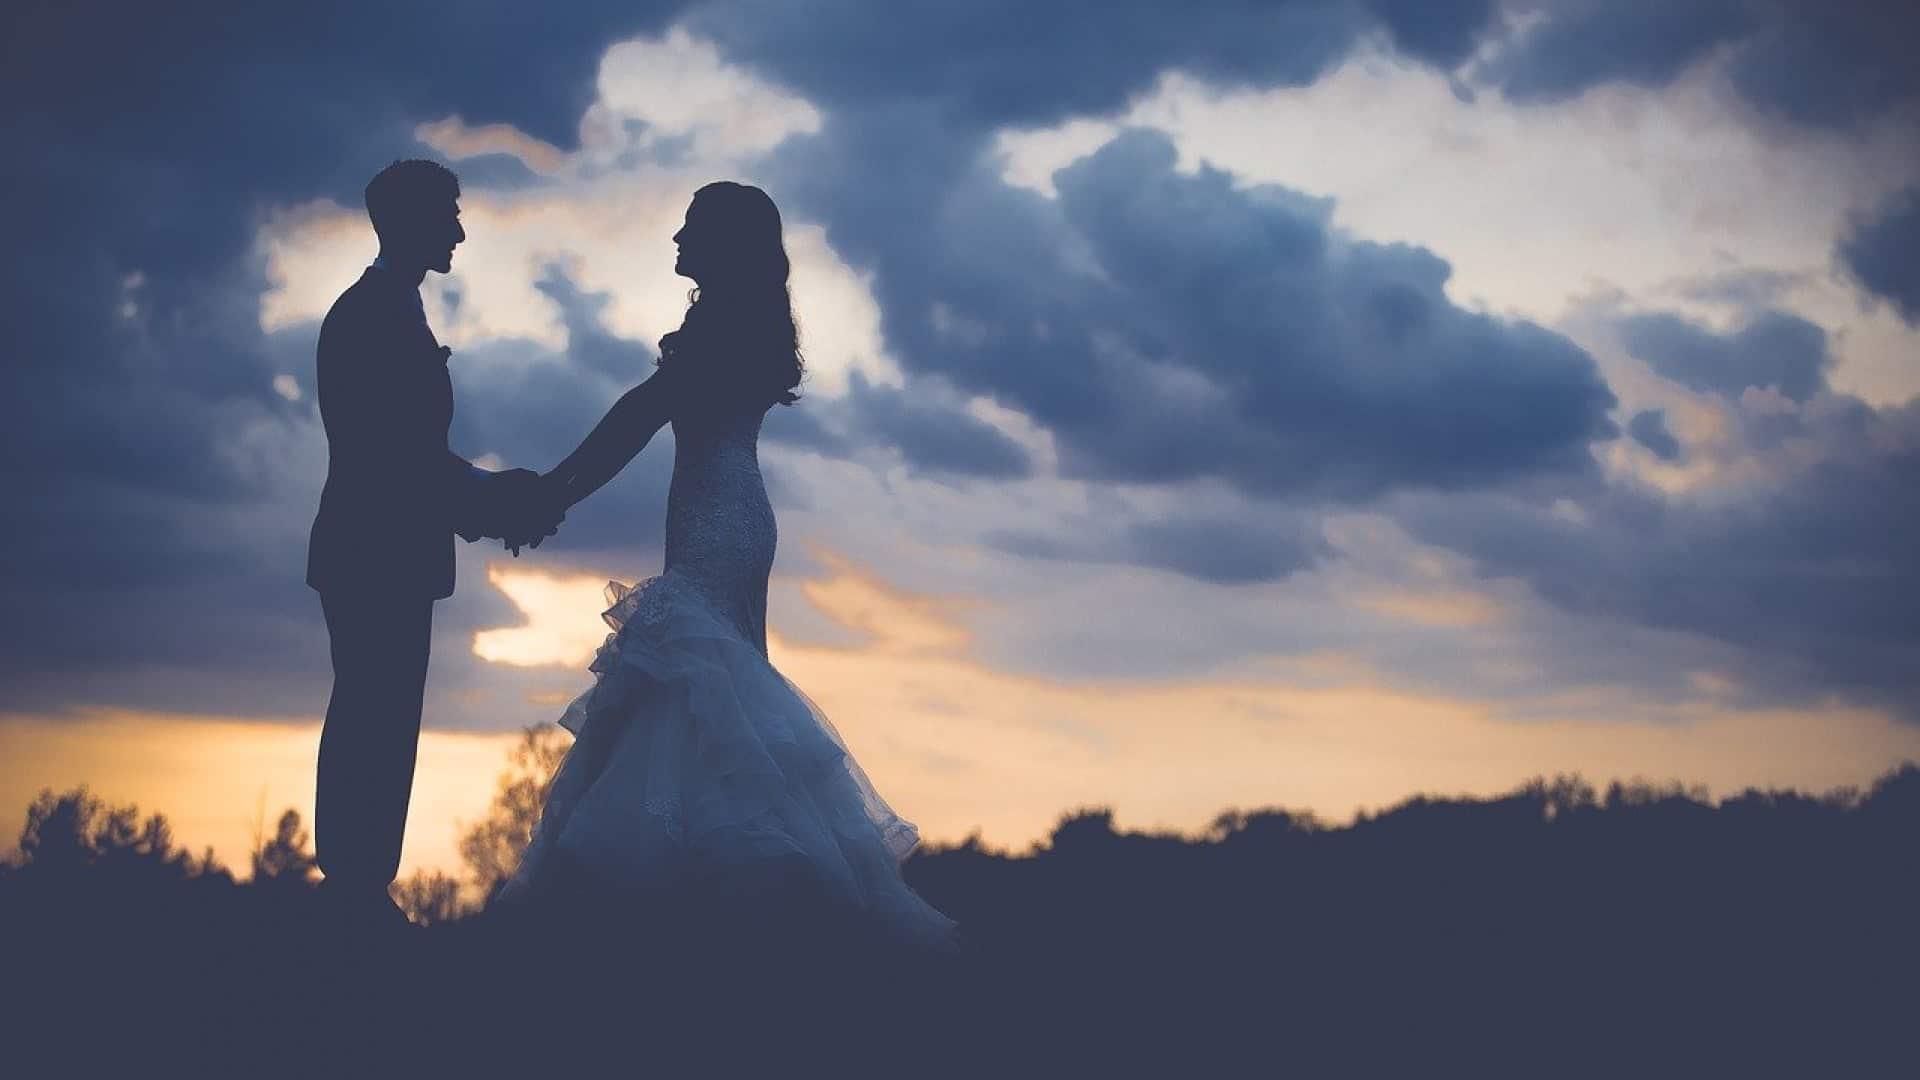 Photographe et vidéaste de mariage : misez sur des souvenirs inoubliables !